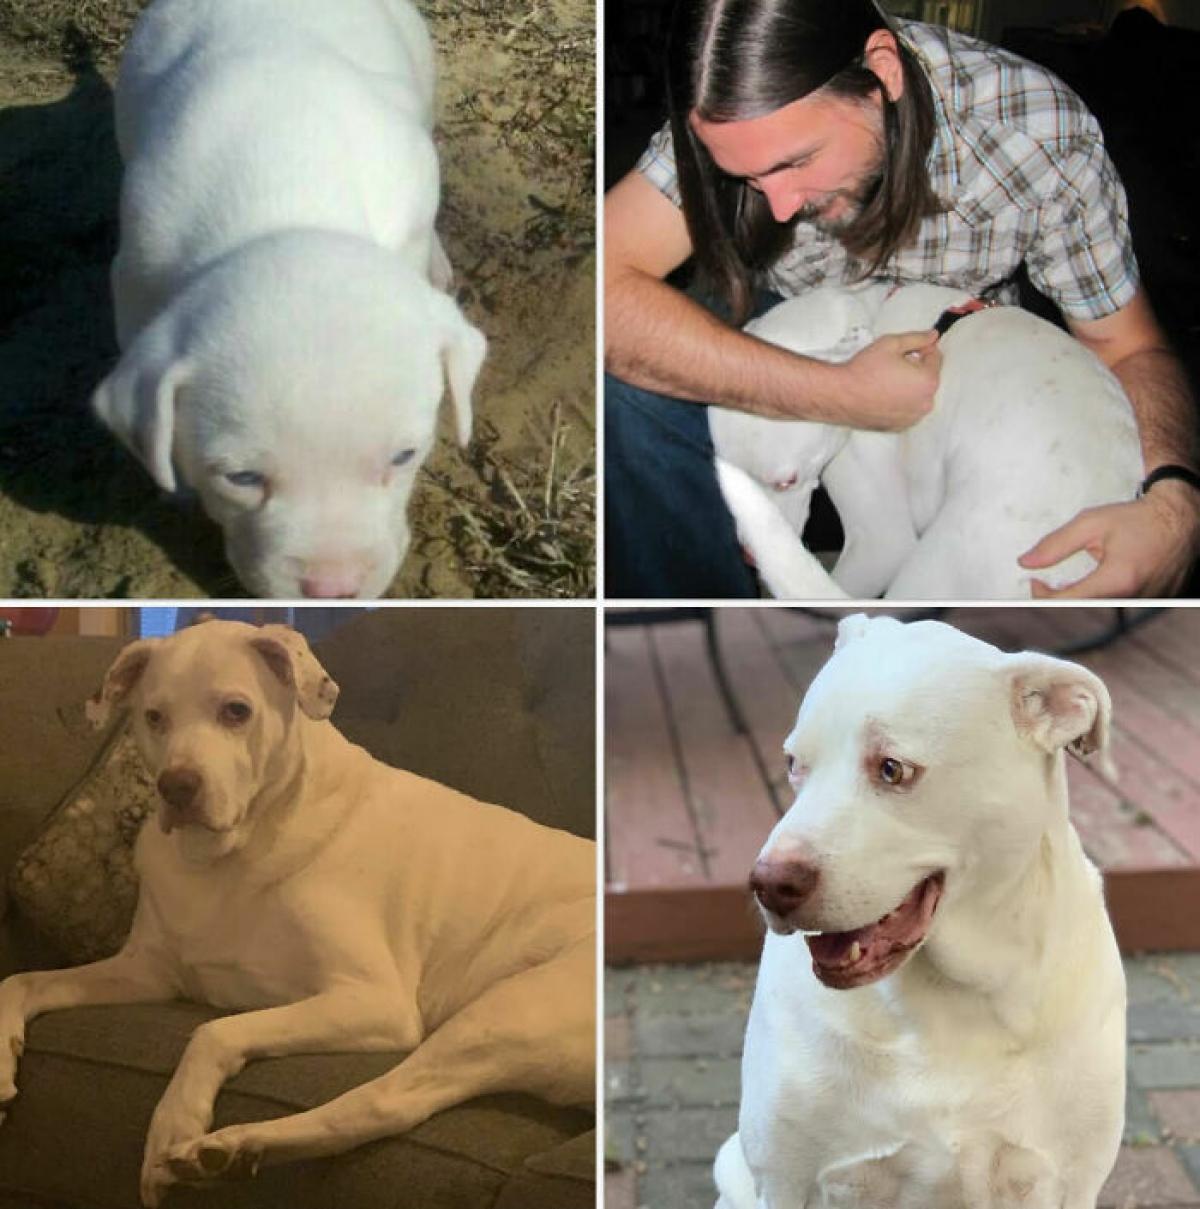 Buddy bị mù, điếc. Sau khi được giải cứu, chú chuyển về sống cùng chúng tôi. Thấm thoắt đã 10 năm trôi qua, chúc mừng sinh nhật Buddy!